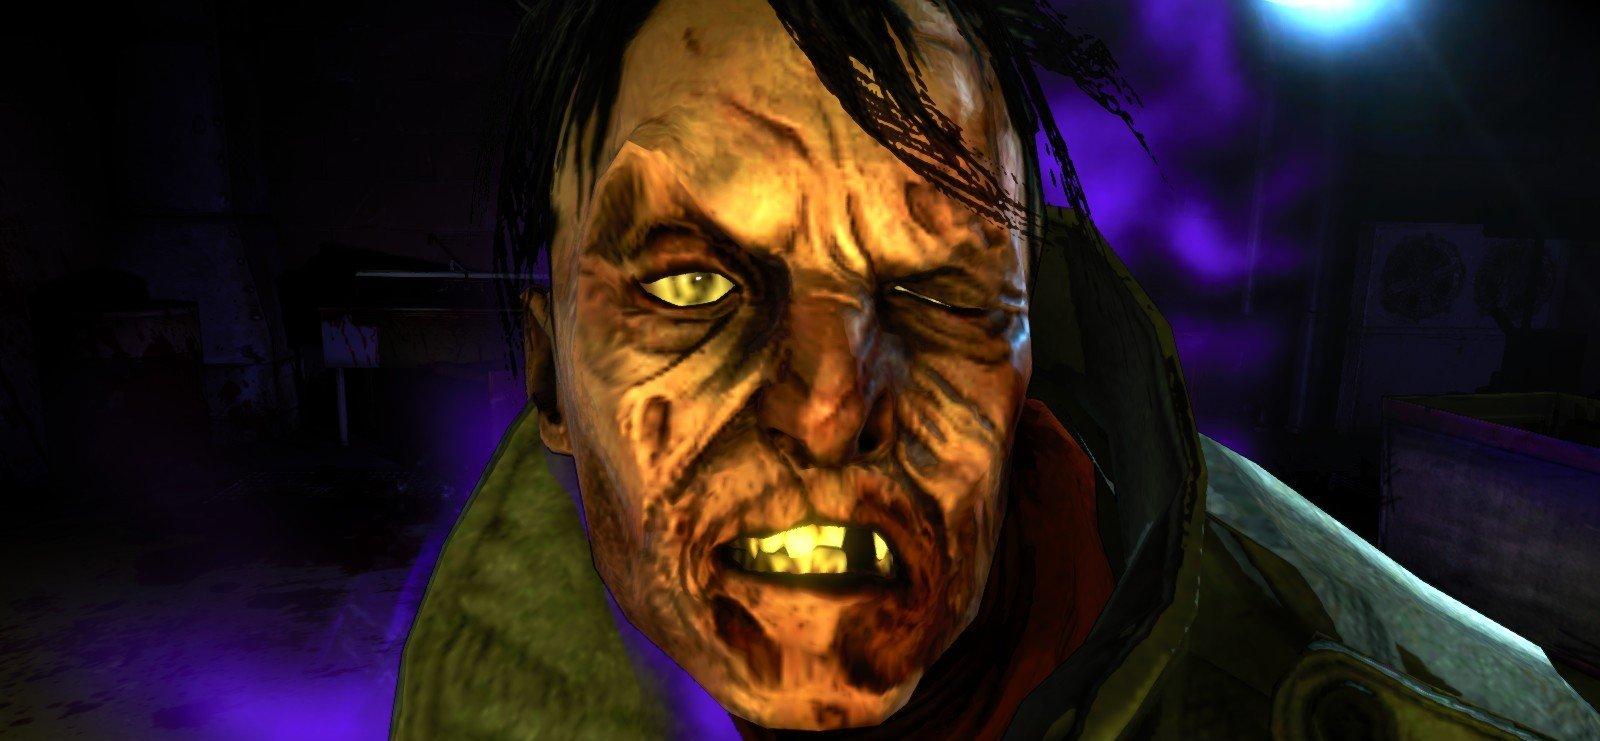 Ни для кого не секрет, что вчера в Steam появилась демоверсия The Darkness II. И хотя первыми (ещё на прошлой неделе ... - Изображение 1